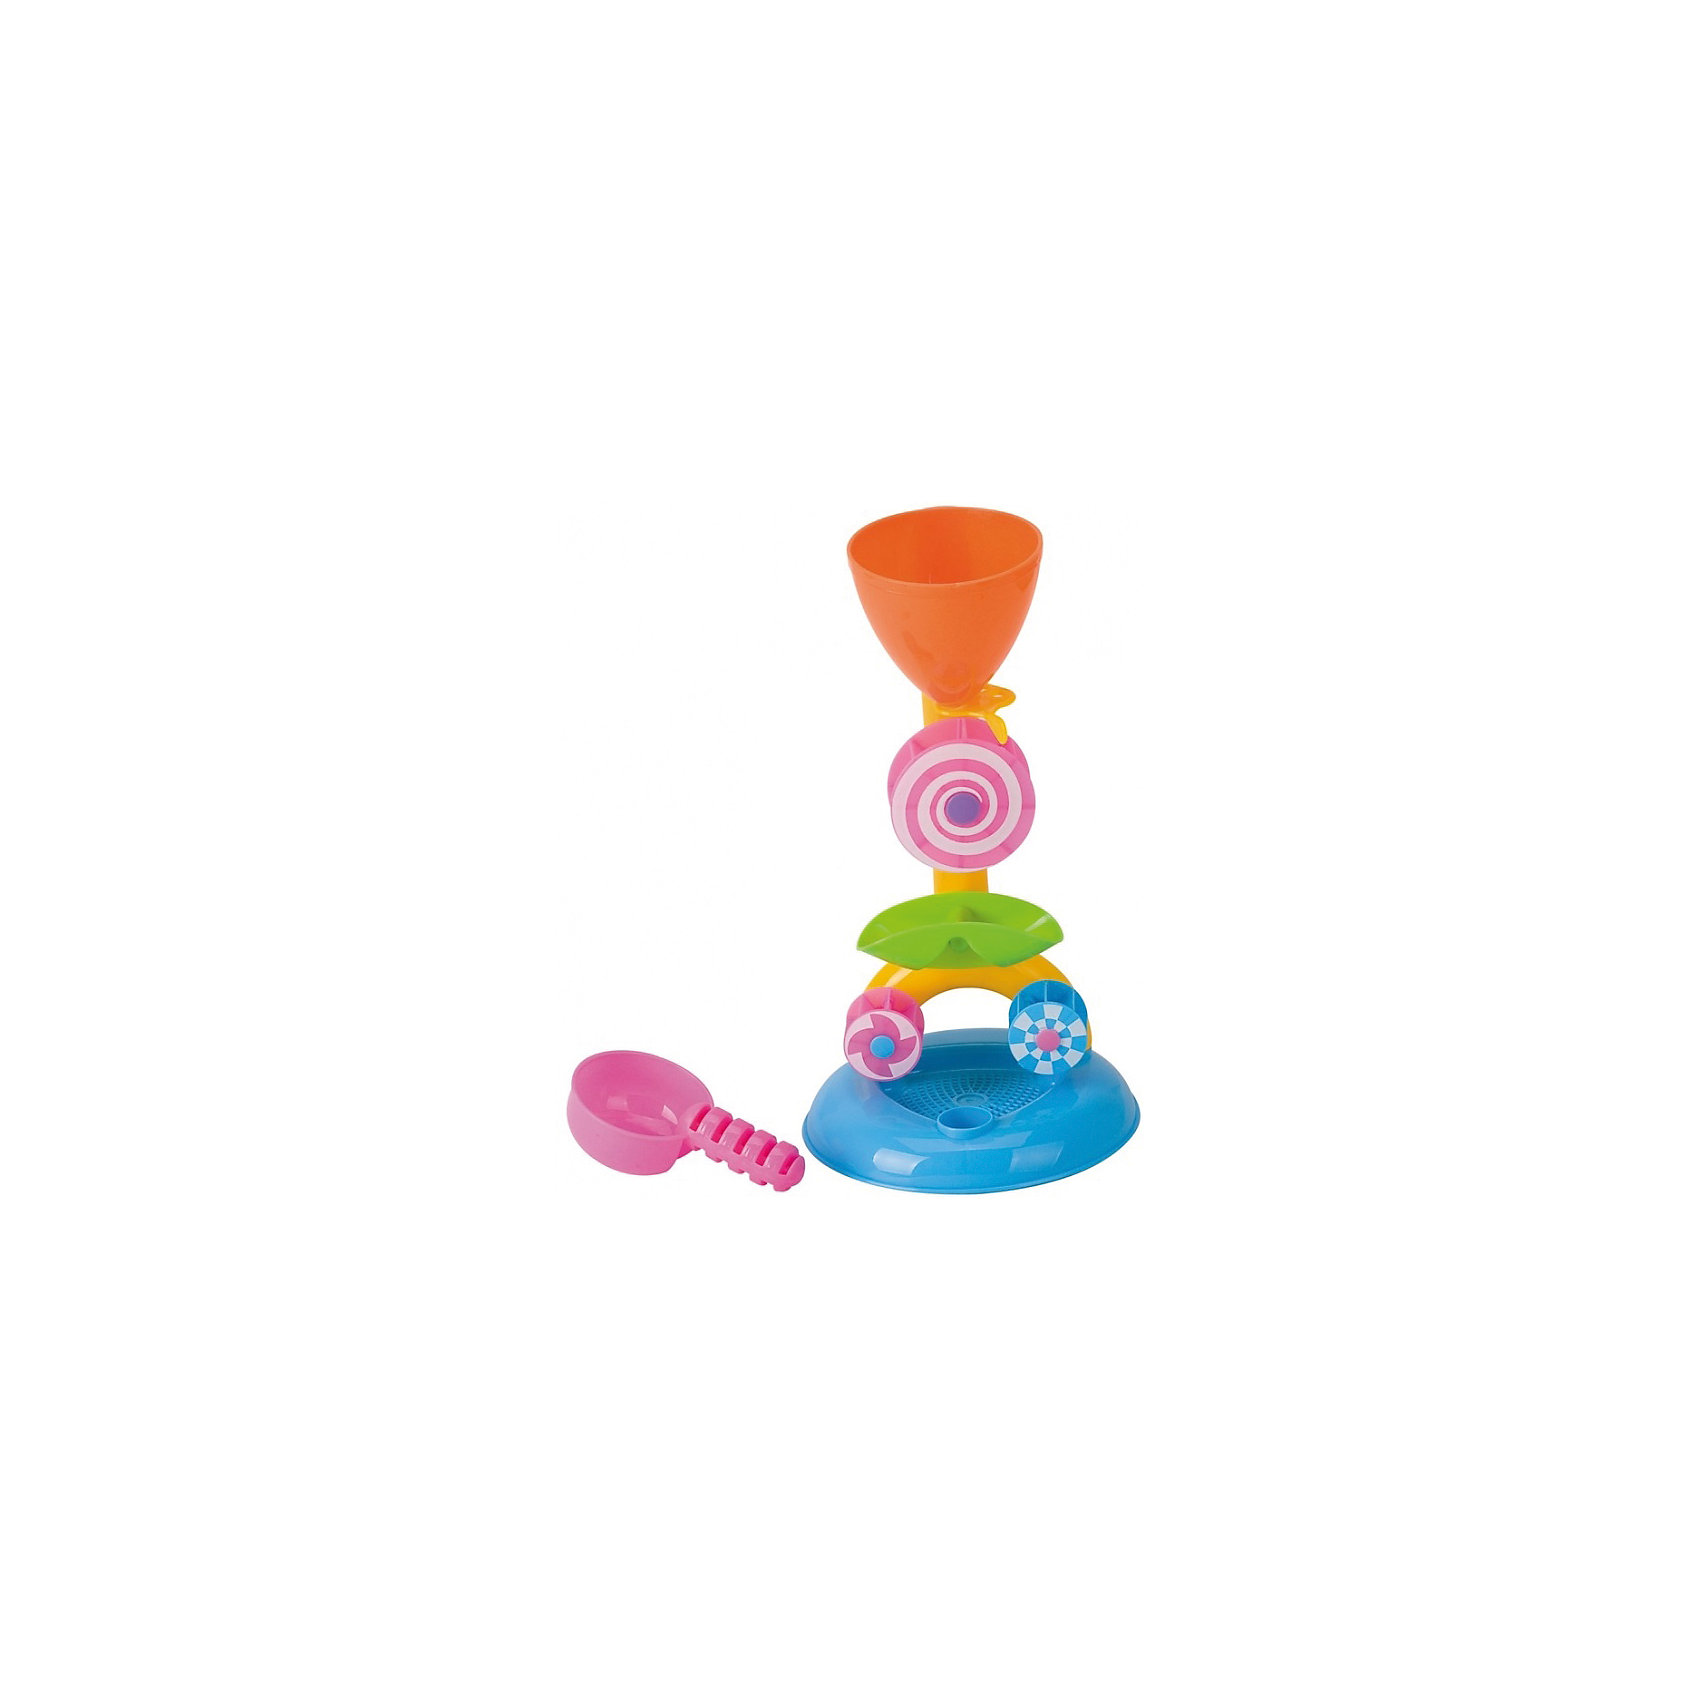 Набор для игр с песком и водой Мельница, 5 предм., Hualian ToysНабор для игр с песком и водой Мельница, Hualian Toys, прекрасно подойдет для игр в песочнице и на пляже. Также его можно использовать во время купания в ванной. Красочная игрушка представляет из себя воронку с широким устойчивым основанием и дополнительными деталями к ней: крутящимися колесами, ситом и ковшом. Заполняя воронку водой или песком, малыш с интересом будет наблюдать как водяная или песчаная струя приводят в движение лопасти колес на мельнице. Игрушка выполнена из экологически чистого и высококачественного материала, не содержащего в составе вредных красителей. Способствует развитию зрительного восприятия и тактильных ощущений, тренирует мелкую моторику. <br><br>Дополнительная информация:    <br>    <br>- В комплекте: воронка, два водяных колеса, сито, ковш.<br>- Материал: пластик. <br>- Размер упаковки: 10 х 17,5 х 32 см.<br>- Вес: 0,27 кг.<br><br>Набор для игр с песком и водой Мельница, 5 предметов, Hualian Toys, можно купить в нашем интернет-магазине/<br><br>Ширина мм: 100<br>Глубина мм: 175<br>Высота мм: 320<br>Вес г: 270<br>Возраст от месяцев: 36<br>Возраст до месяцев: 72<br>Пол: Унисекс<br>Возраст: Детский<br>SKU: 4622253